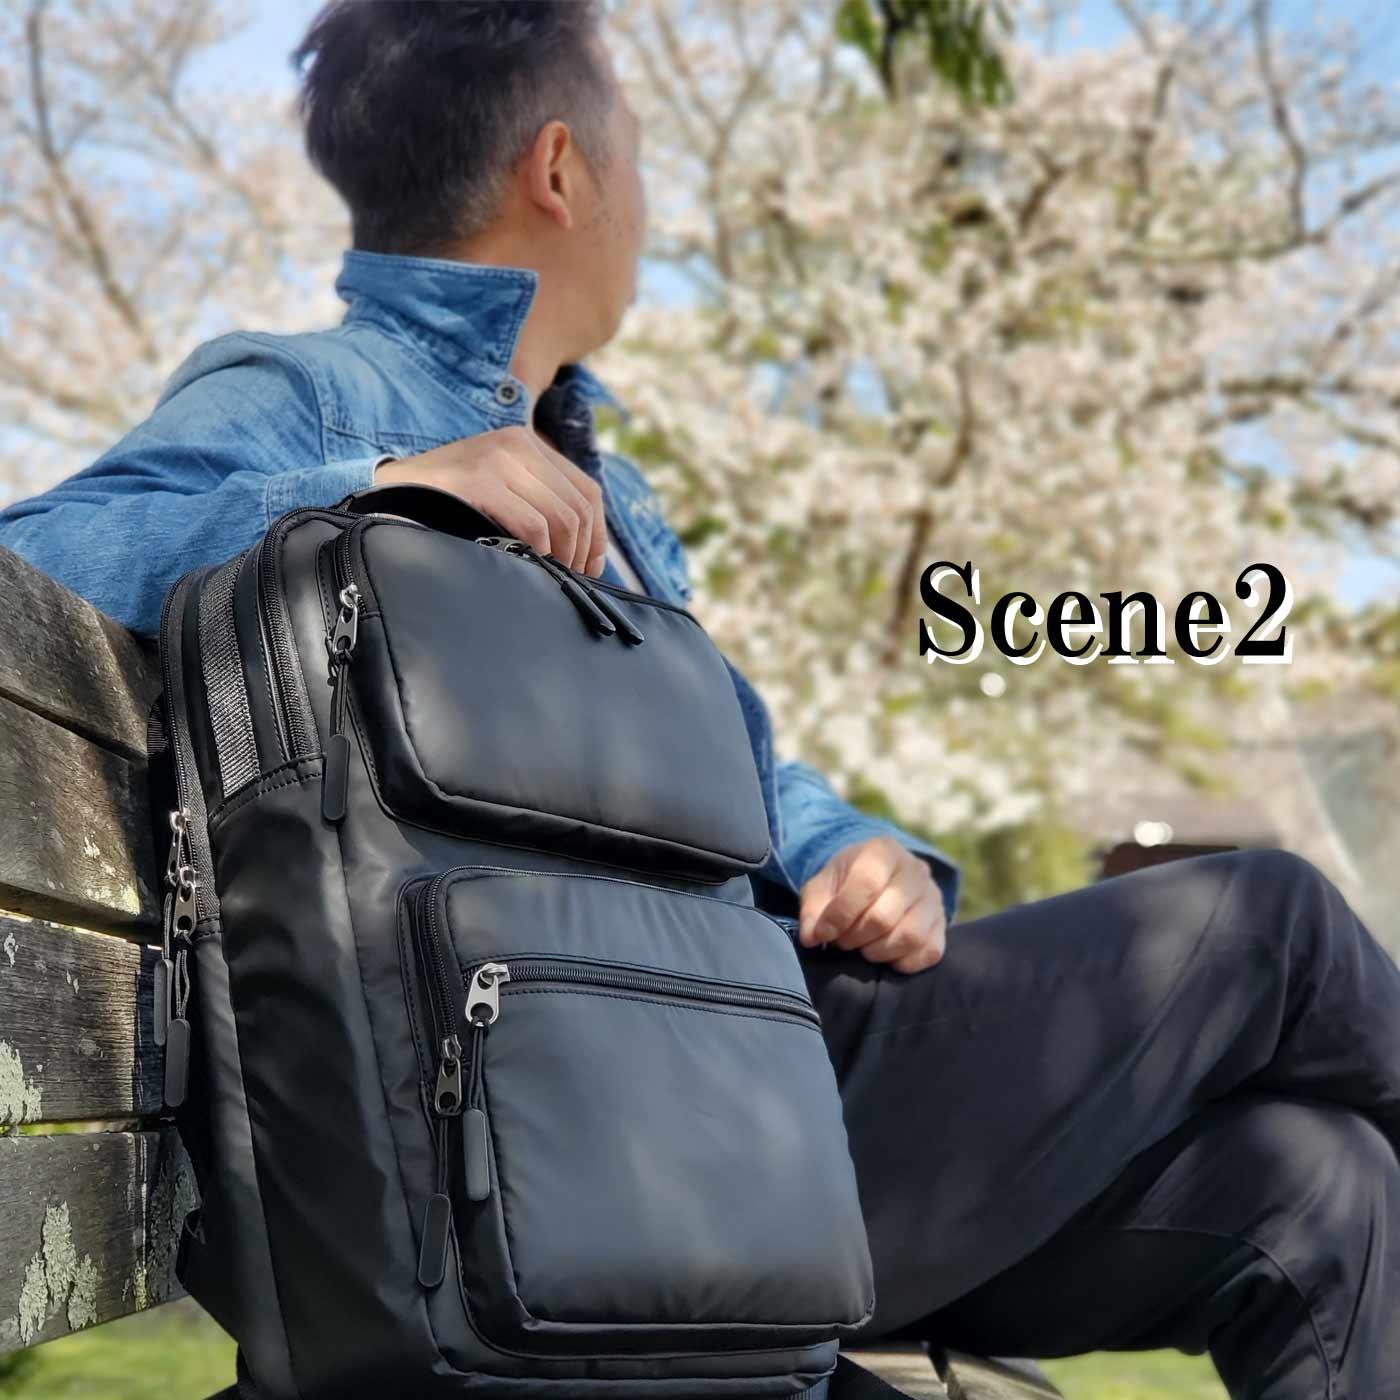 リュック デイパック カジュアルバッグ メンズ B4 2室 軽い ipad タブレット収納 ナイロン 街持ち 普段使い 旅行 レジャー 黒 KBN42577 ブレザークラブ BLAZER CLUB